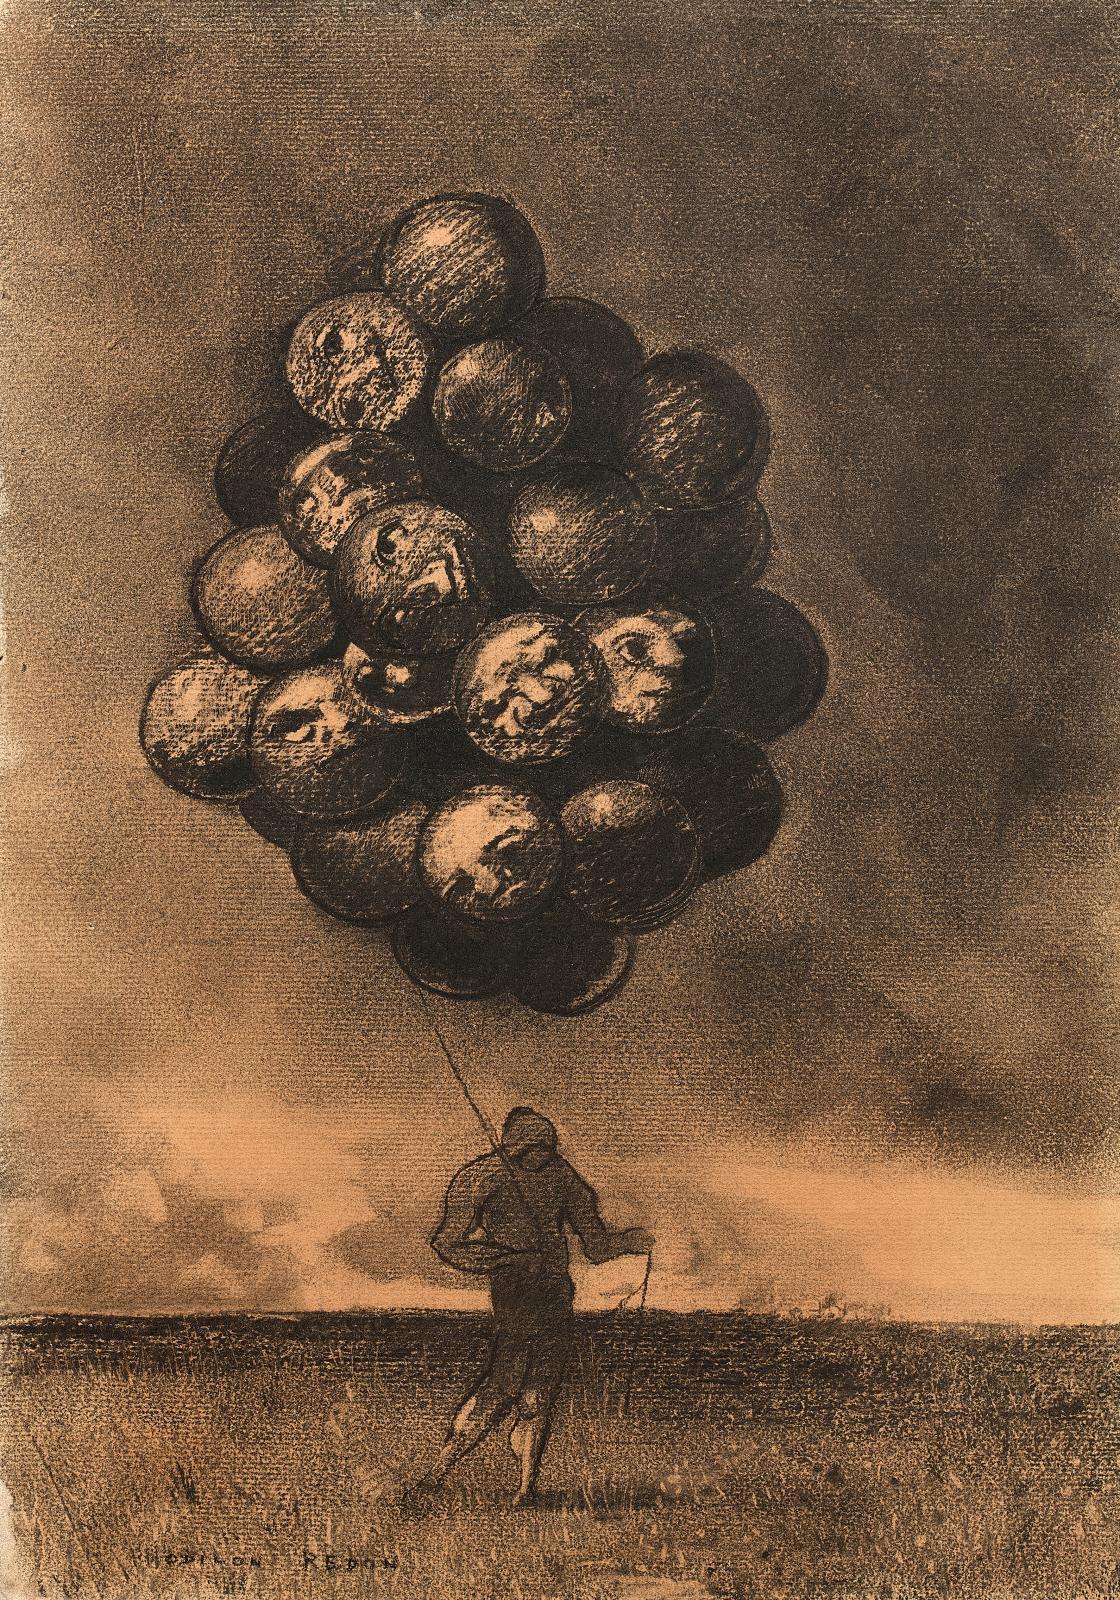 Odilon Redon (1840-1916), La Grappe ou Le Marchand de ballons, dessin au fusain et à l'estompe, 38,5x27,5cm. Adjugé: 317500€